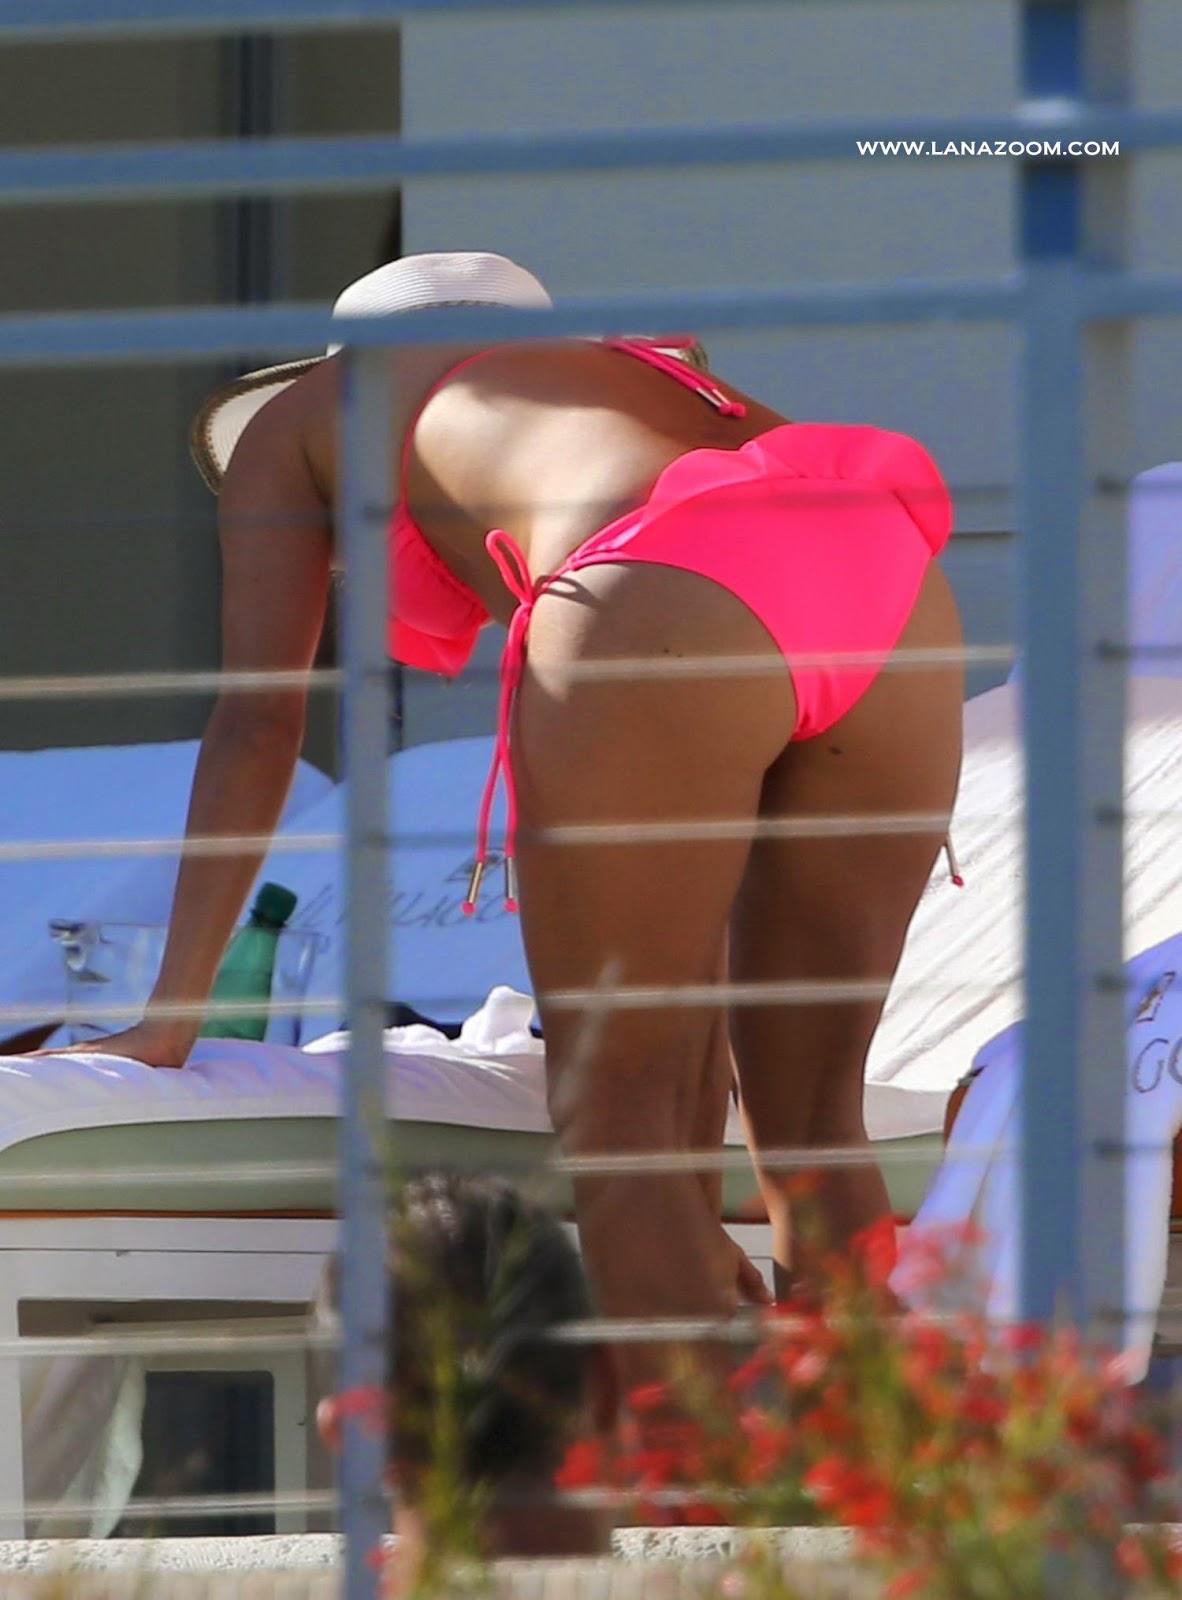 صور ساخنة للجميلة إيفا لونغوريا بالبكيني الوردي في ميامي